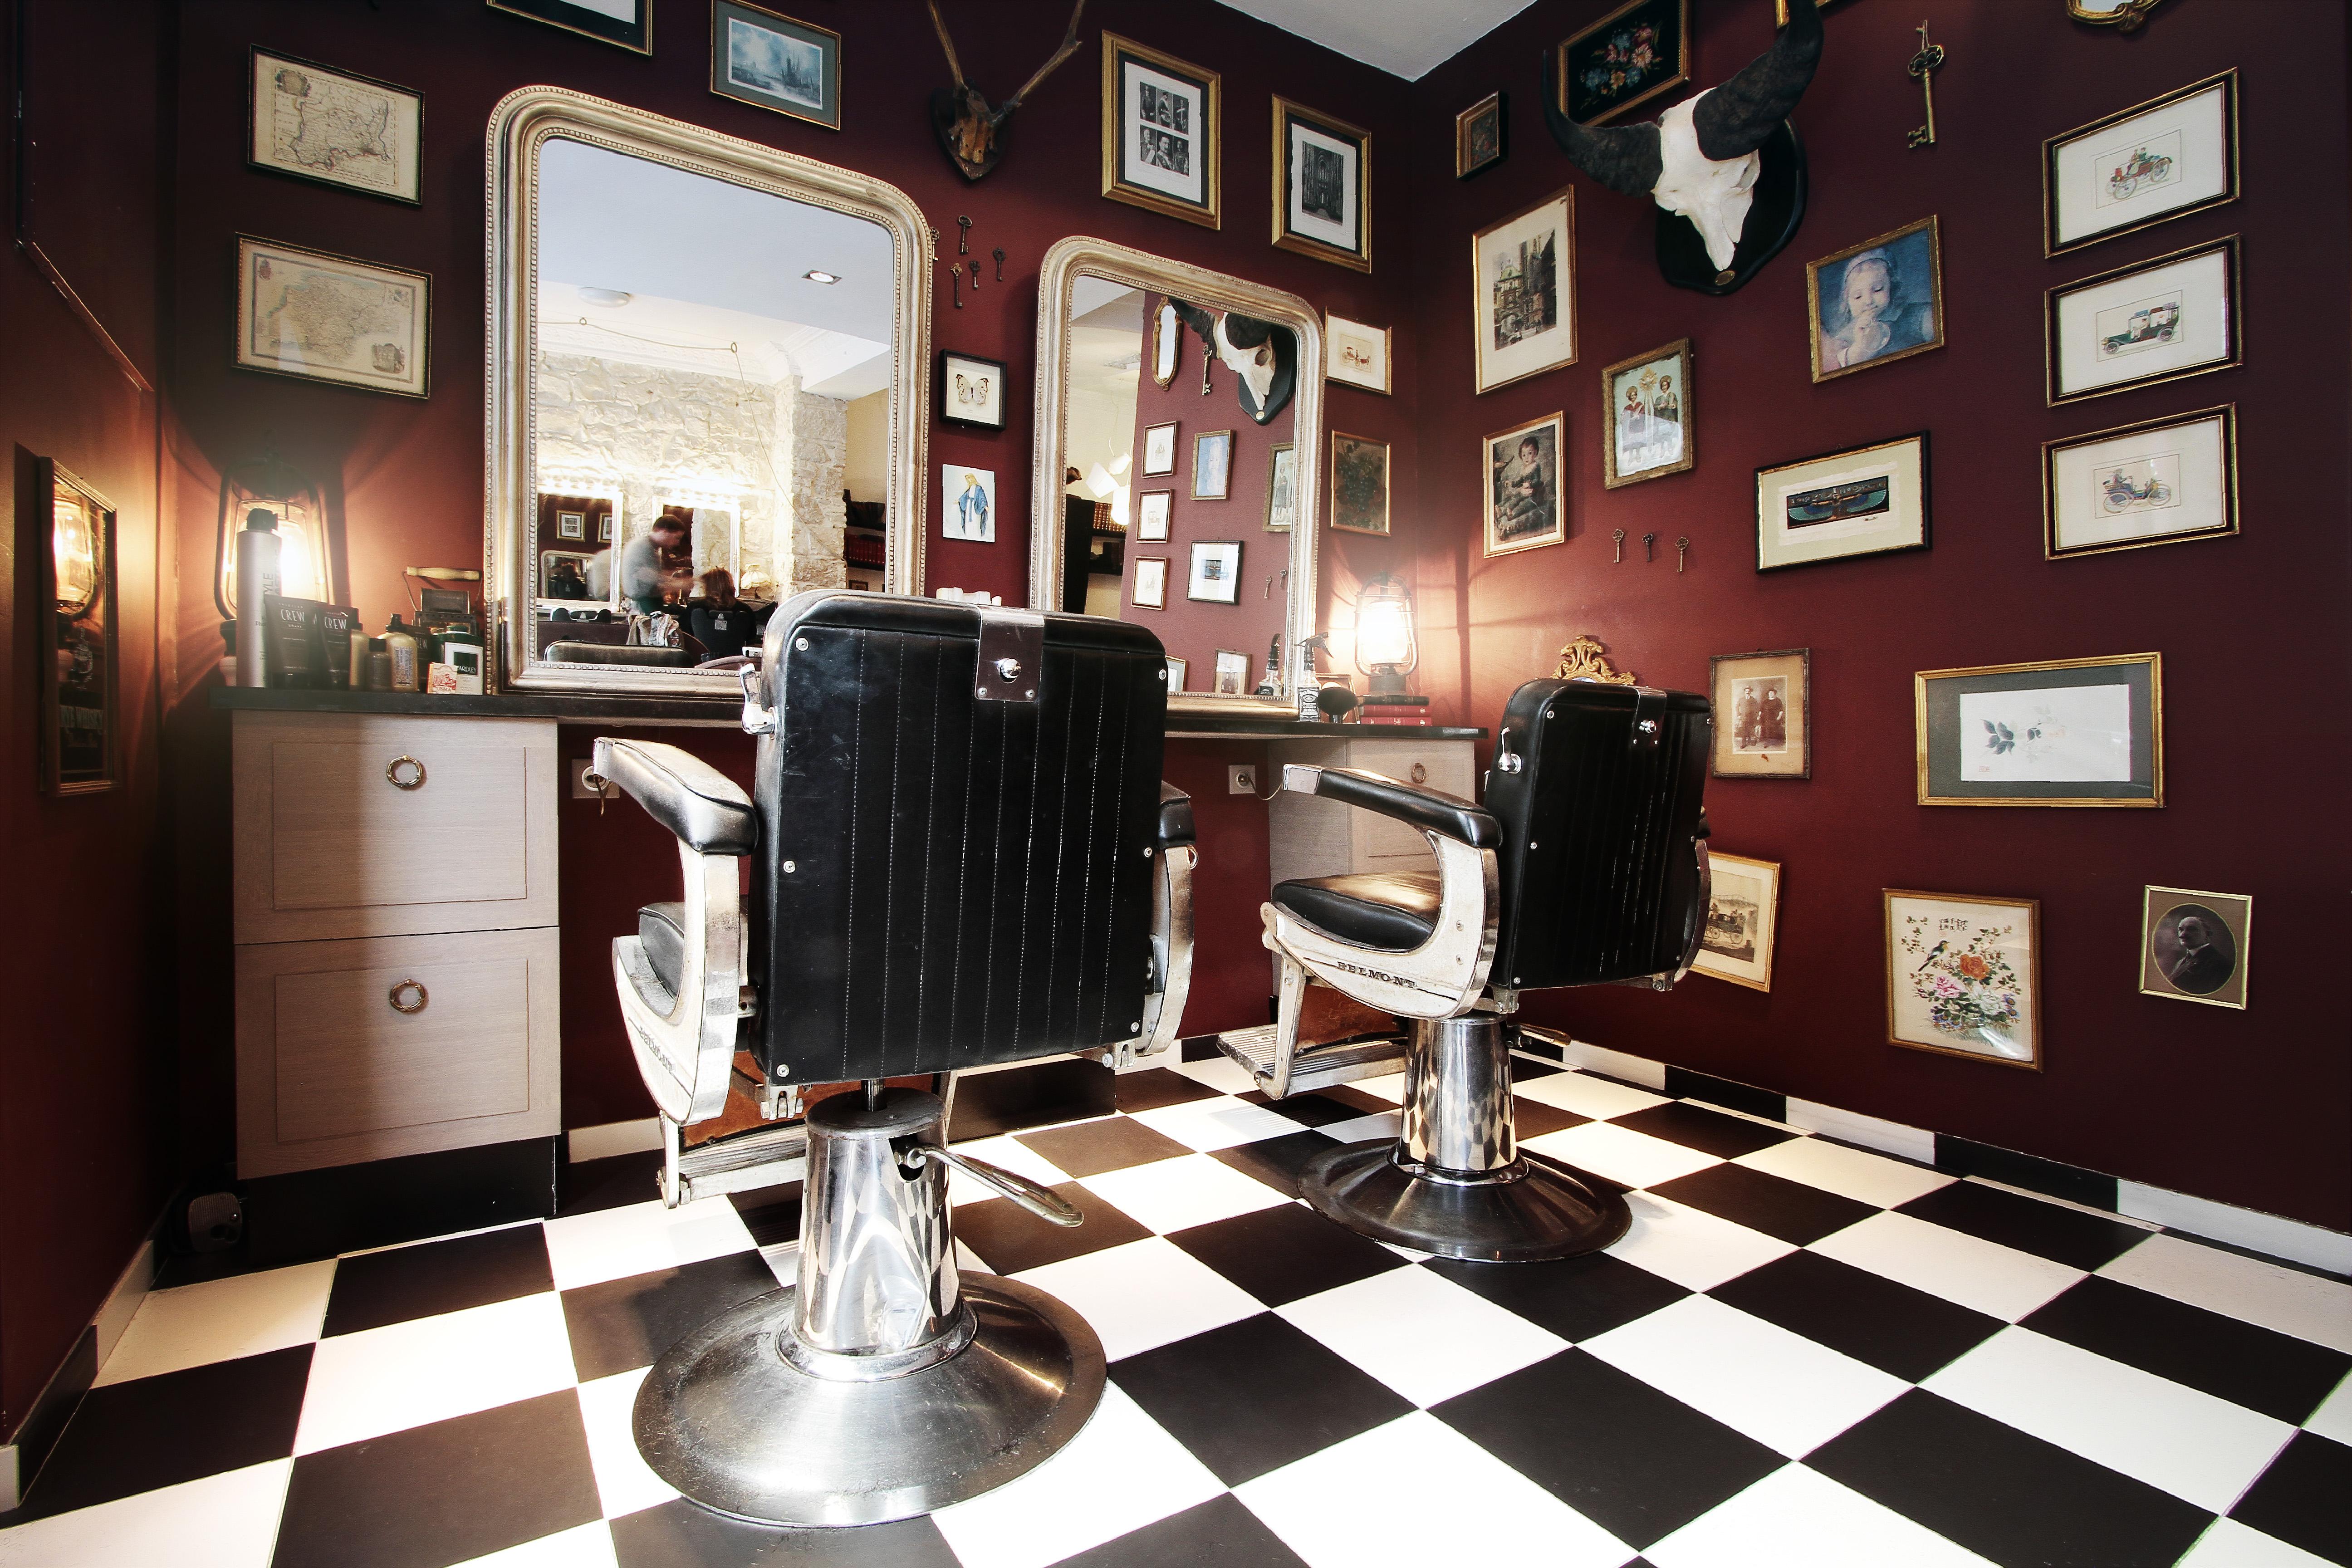 barber shop nice. Black Bedroom Furniture Sets. Home Design Ideas